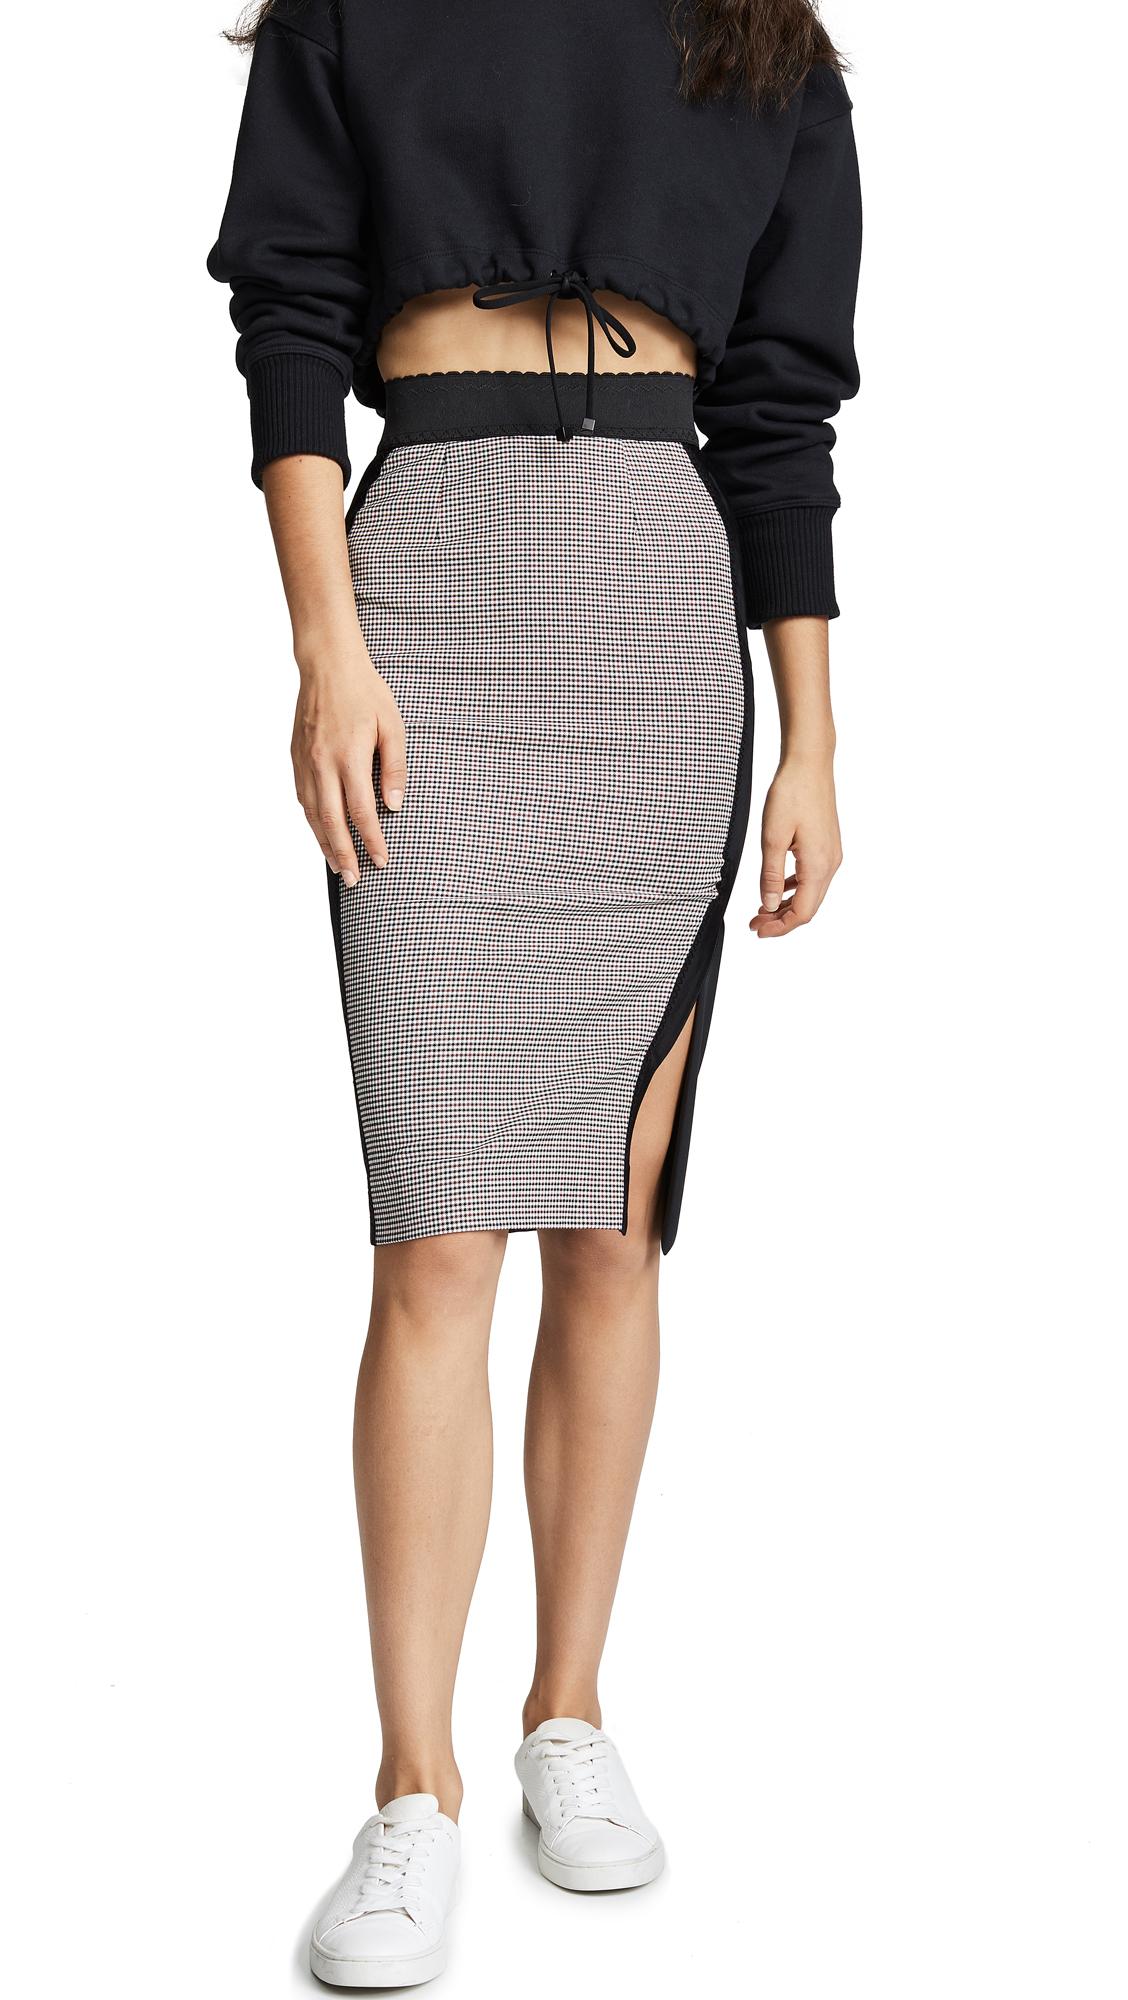 Boutique Moschino Two Tone Plaid Skirt - Plaid